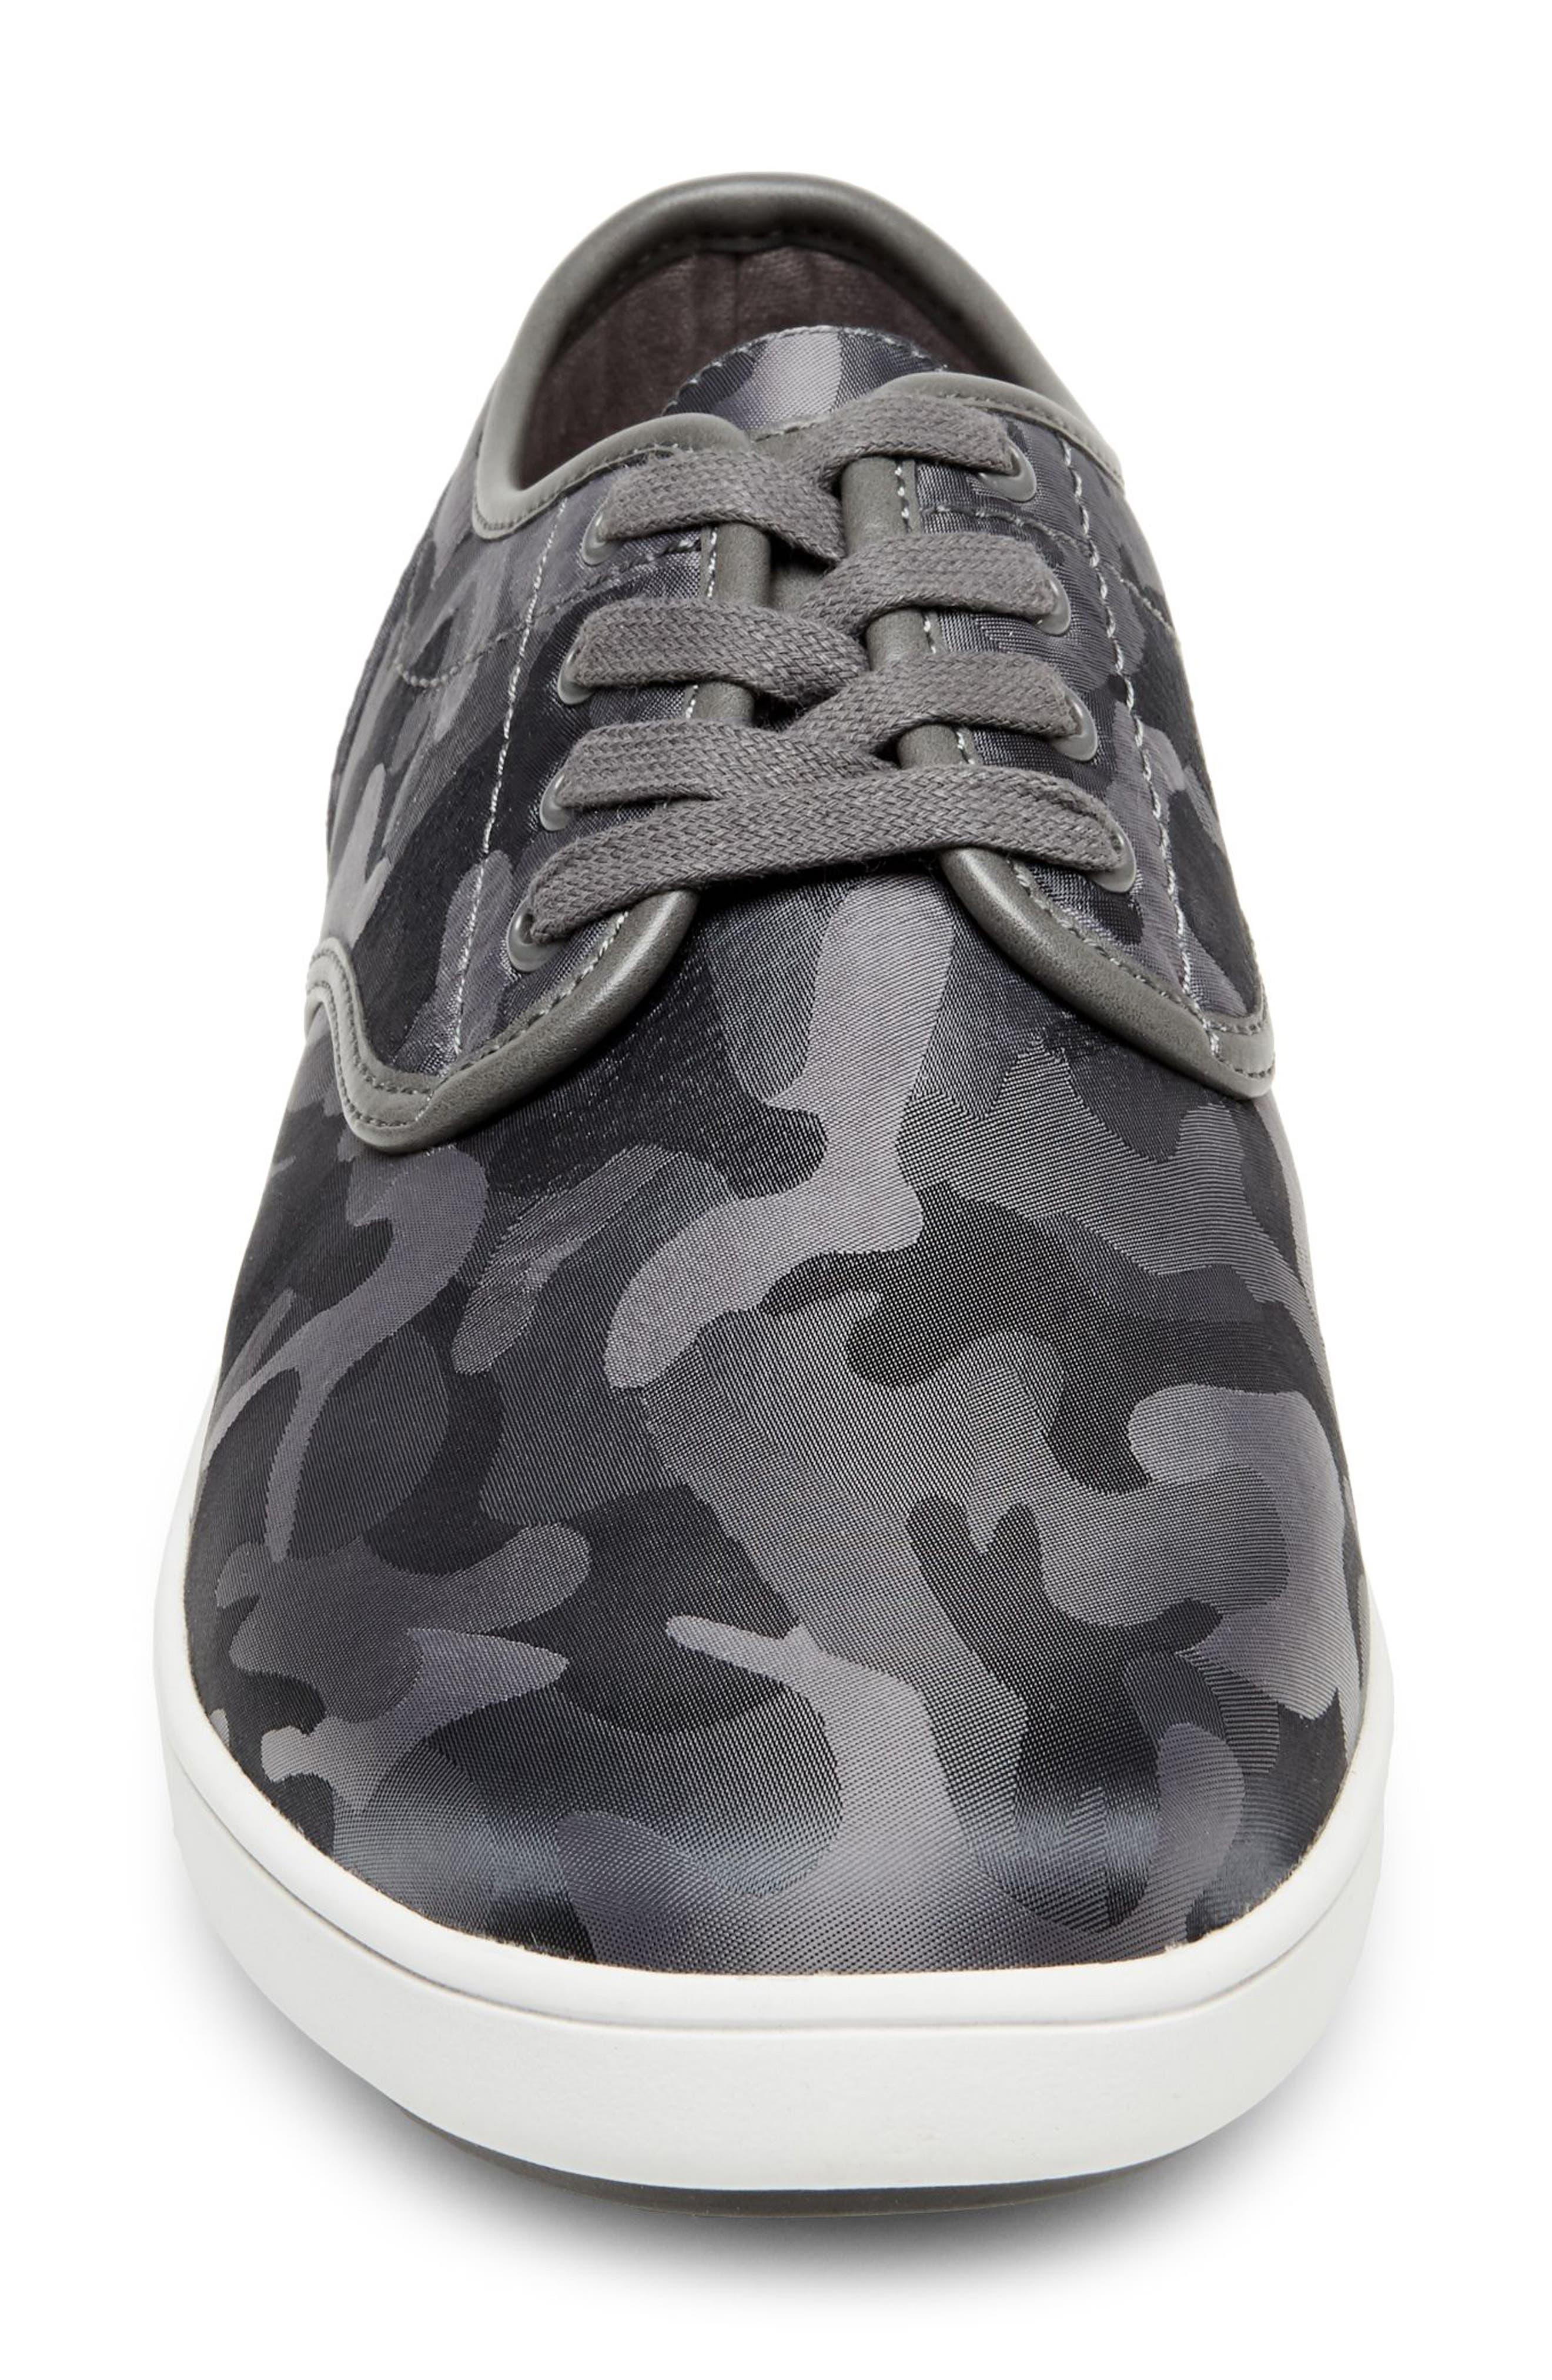 Frenzo Camo Sneaker,                             Alternate thumbnail 4, color,                             GREY CAMO FABRIC